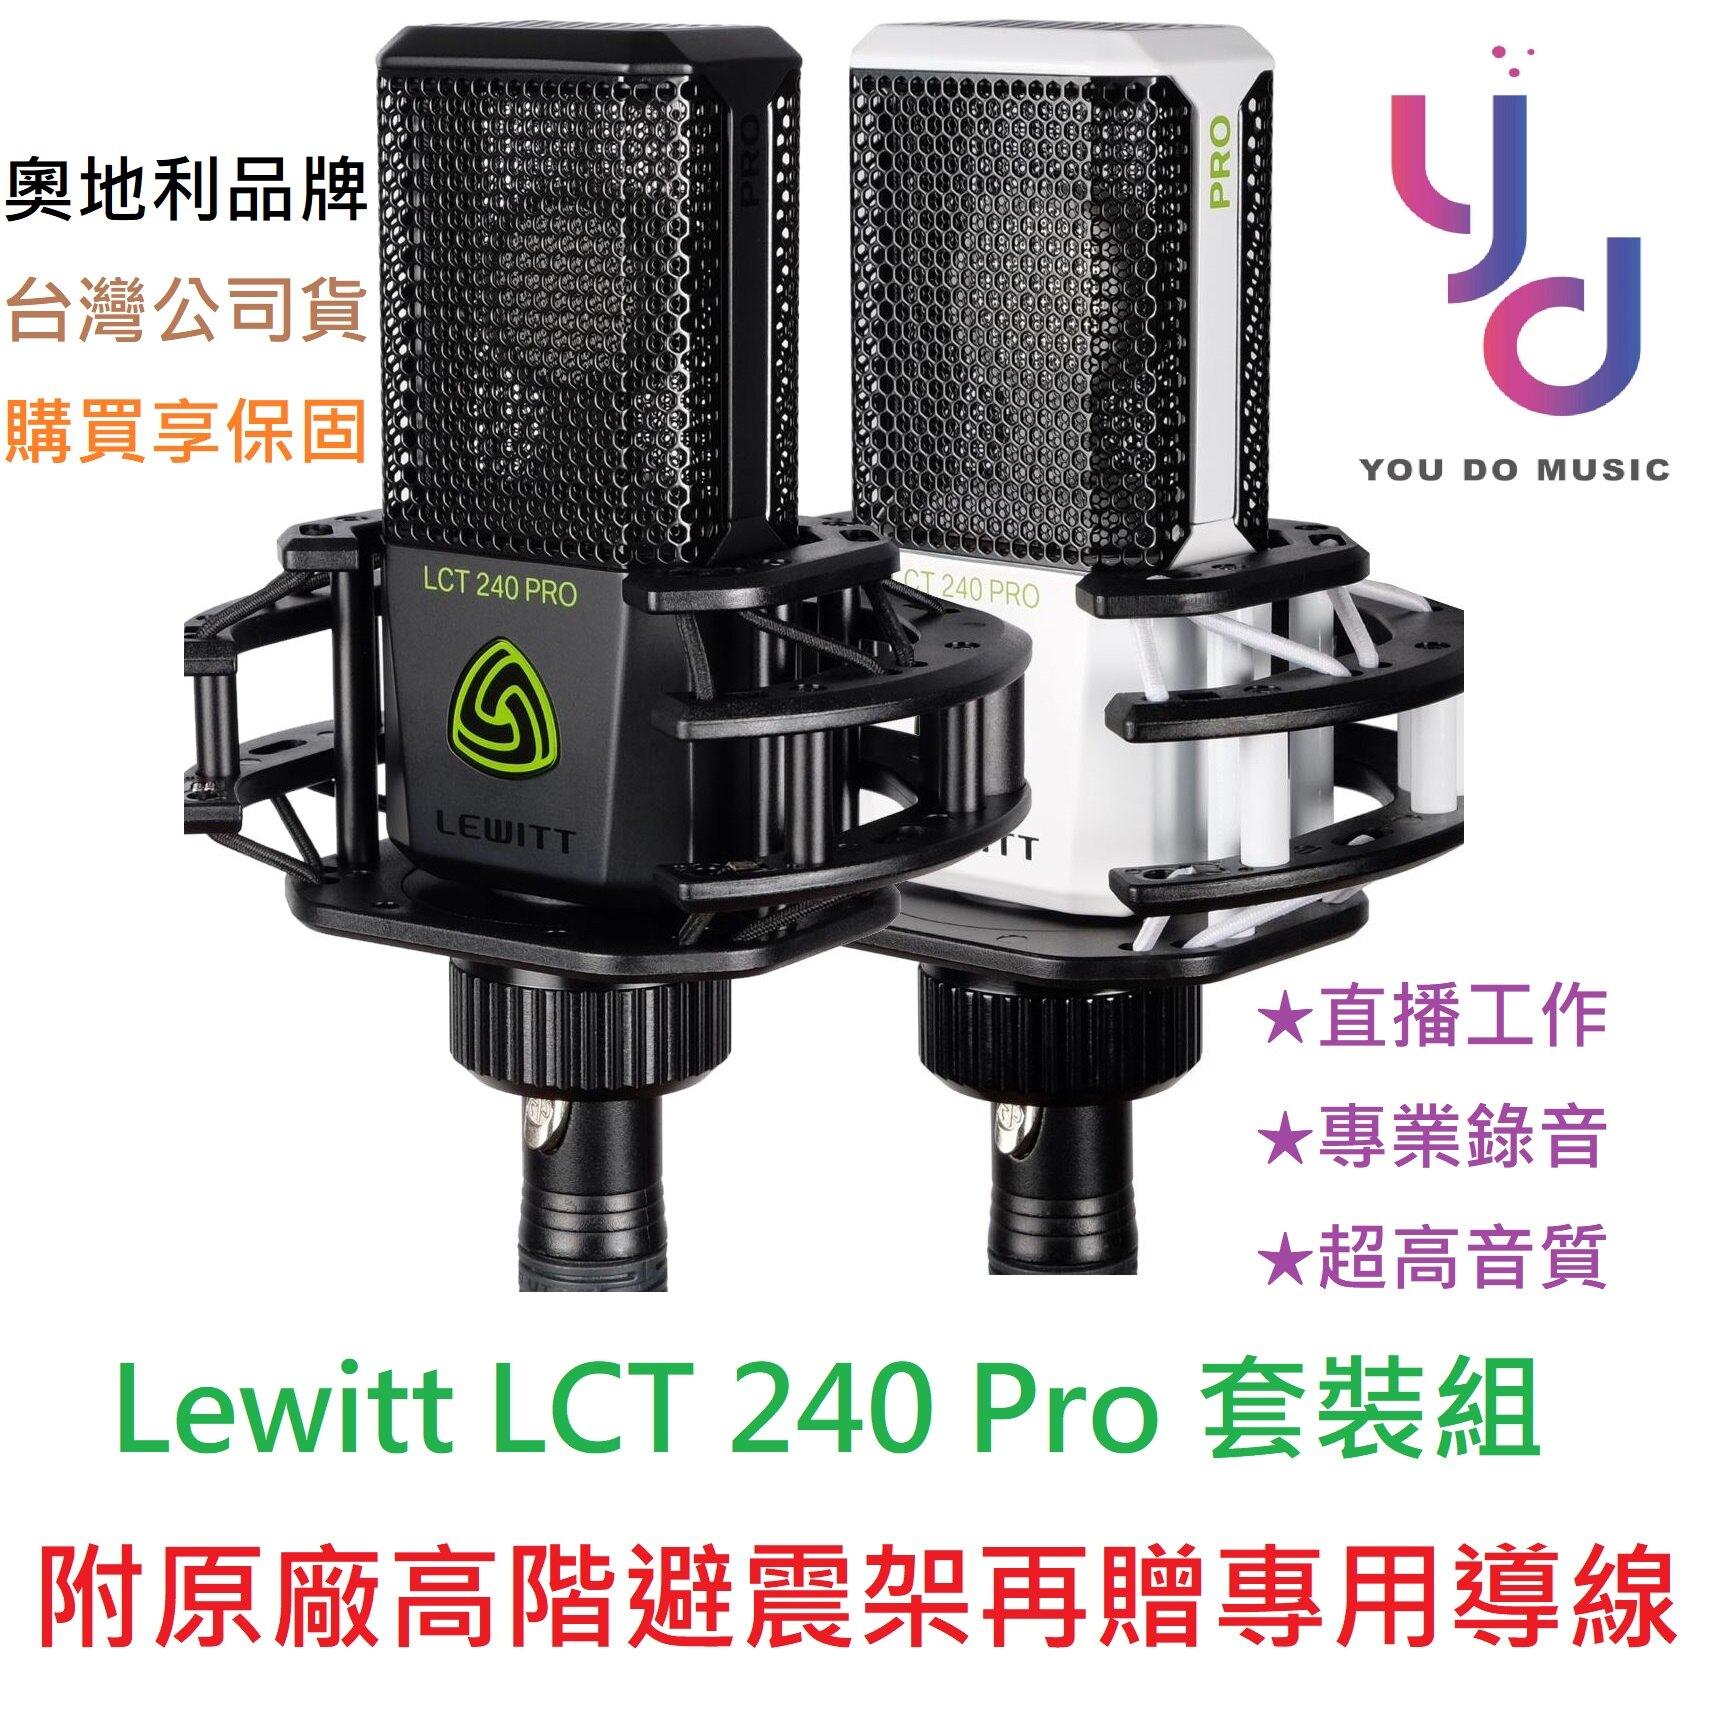 現貨免運 贈導線 原廠避震架 Lewitt LCT 240 Pro Value pack 電容式 麥克風 錄音 直播